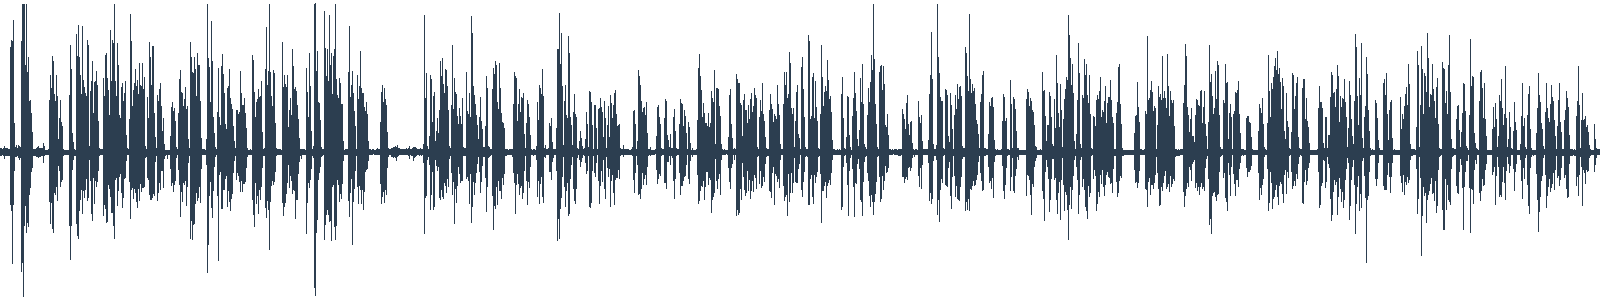 Svätého Bonifáca waveform